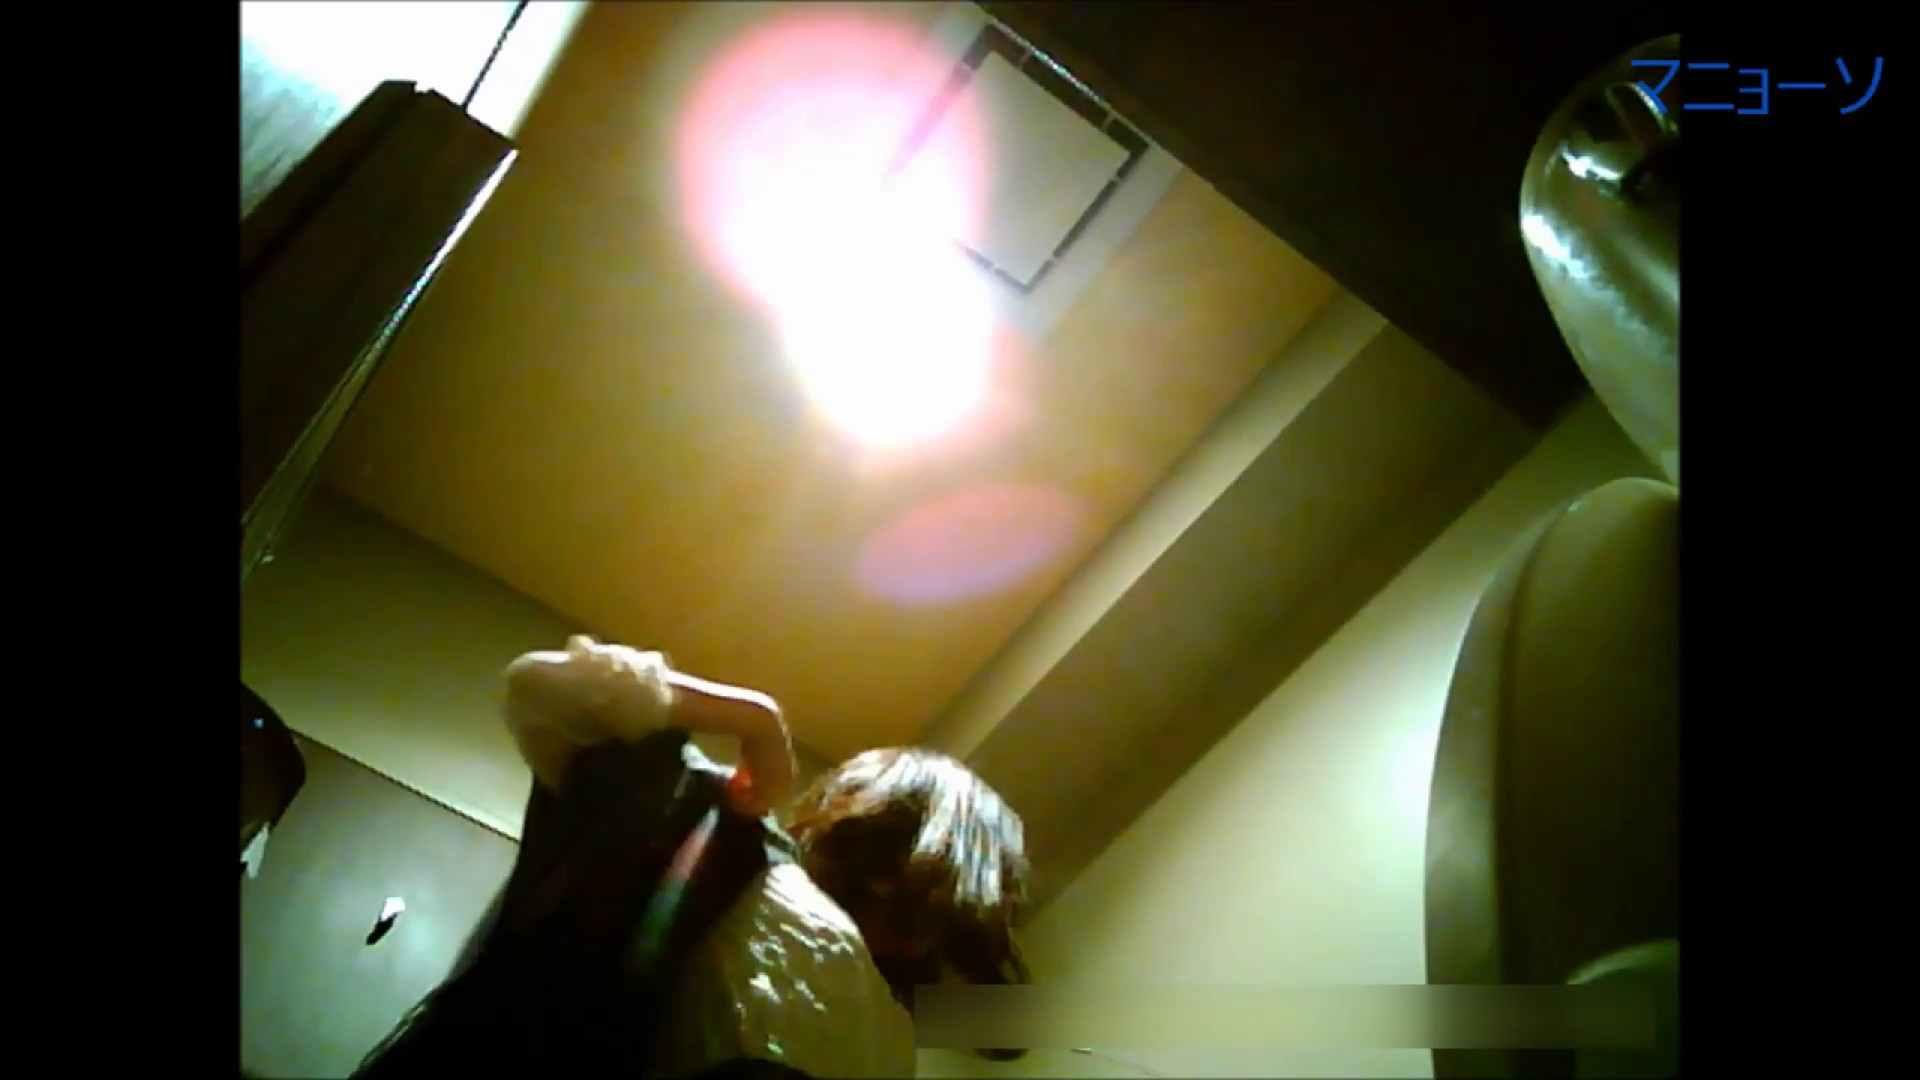 トイレでひと肌脱いでもらいました (JD編)Vol.02 トイレ | OLの実態  80pic 61